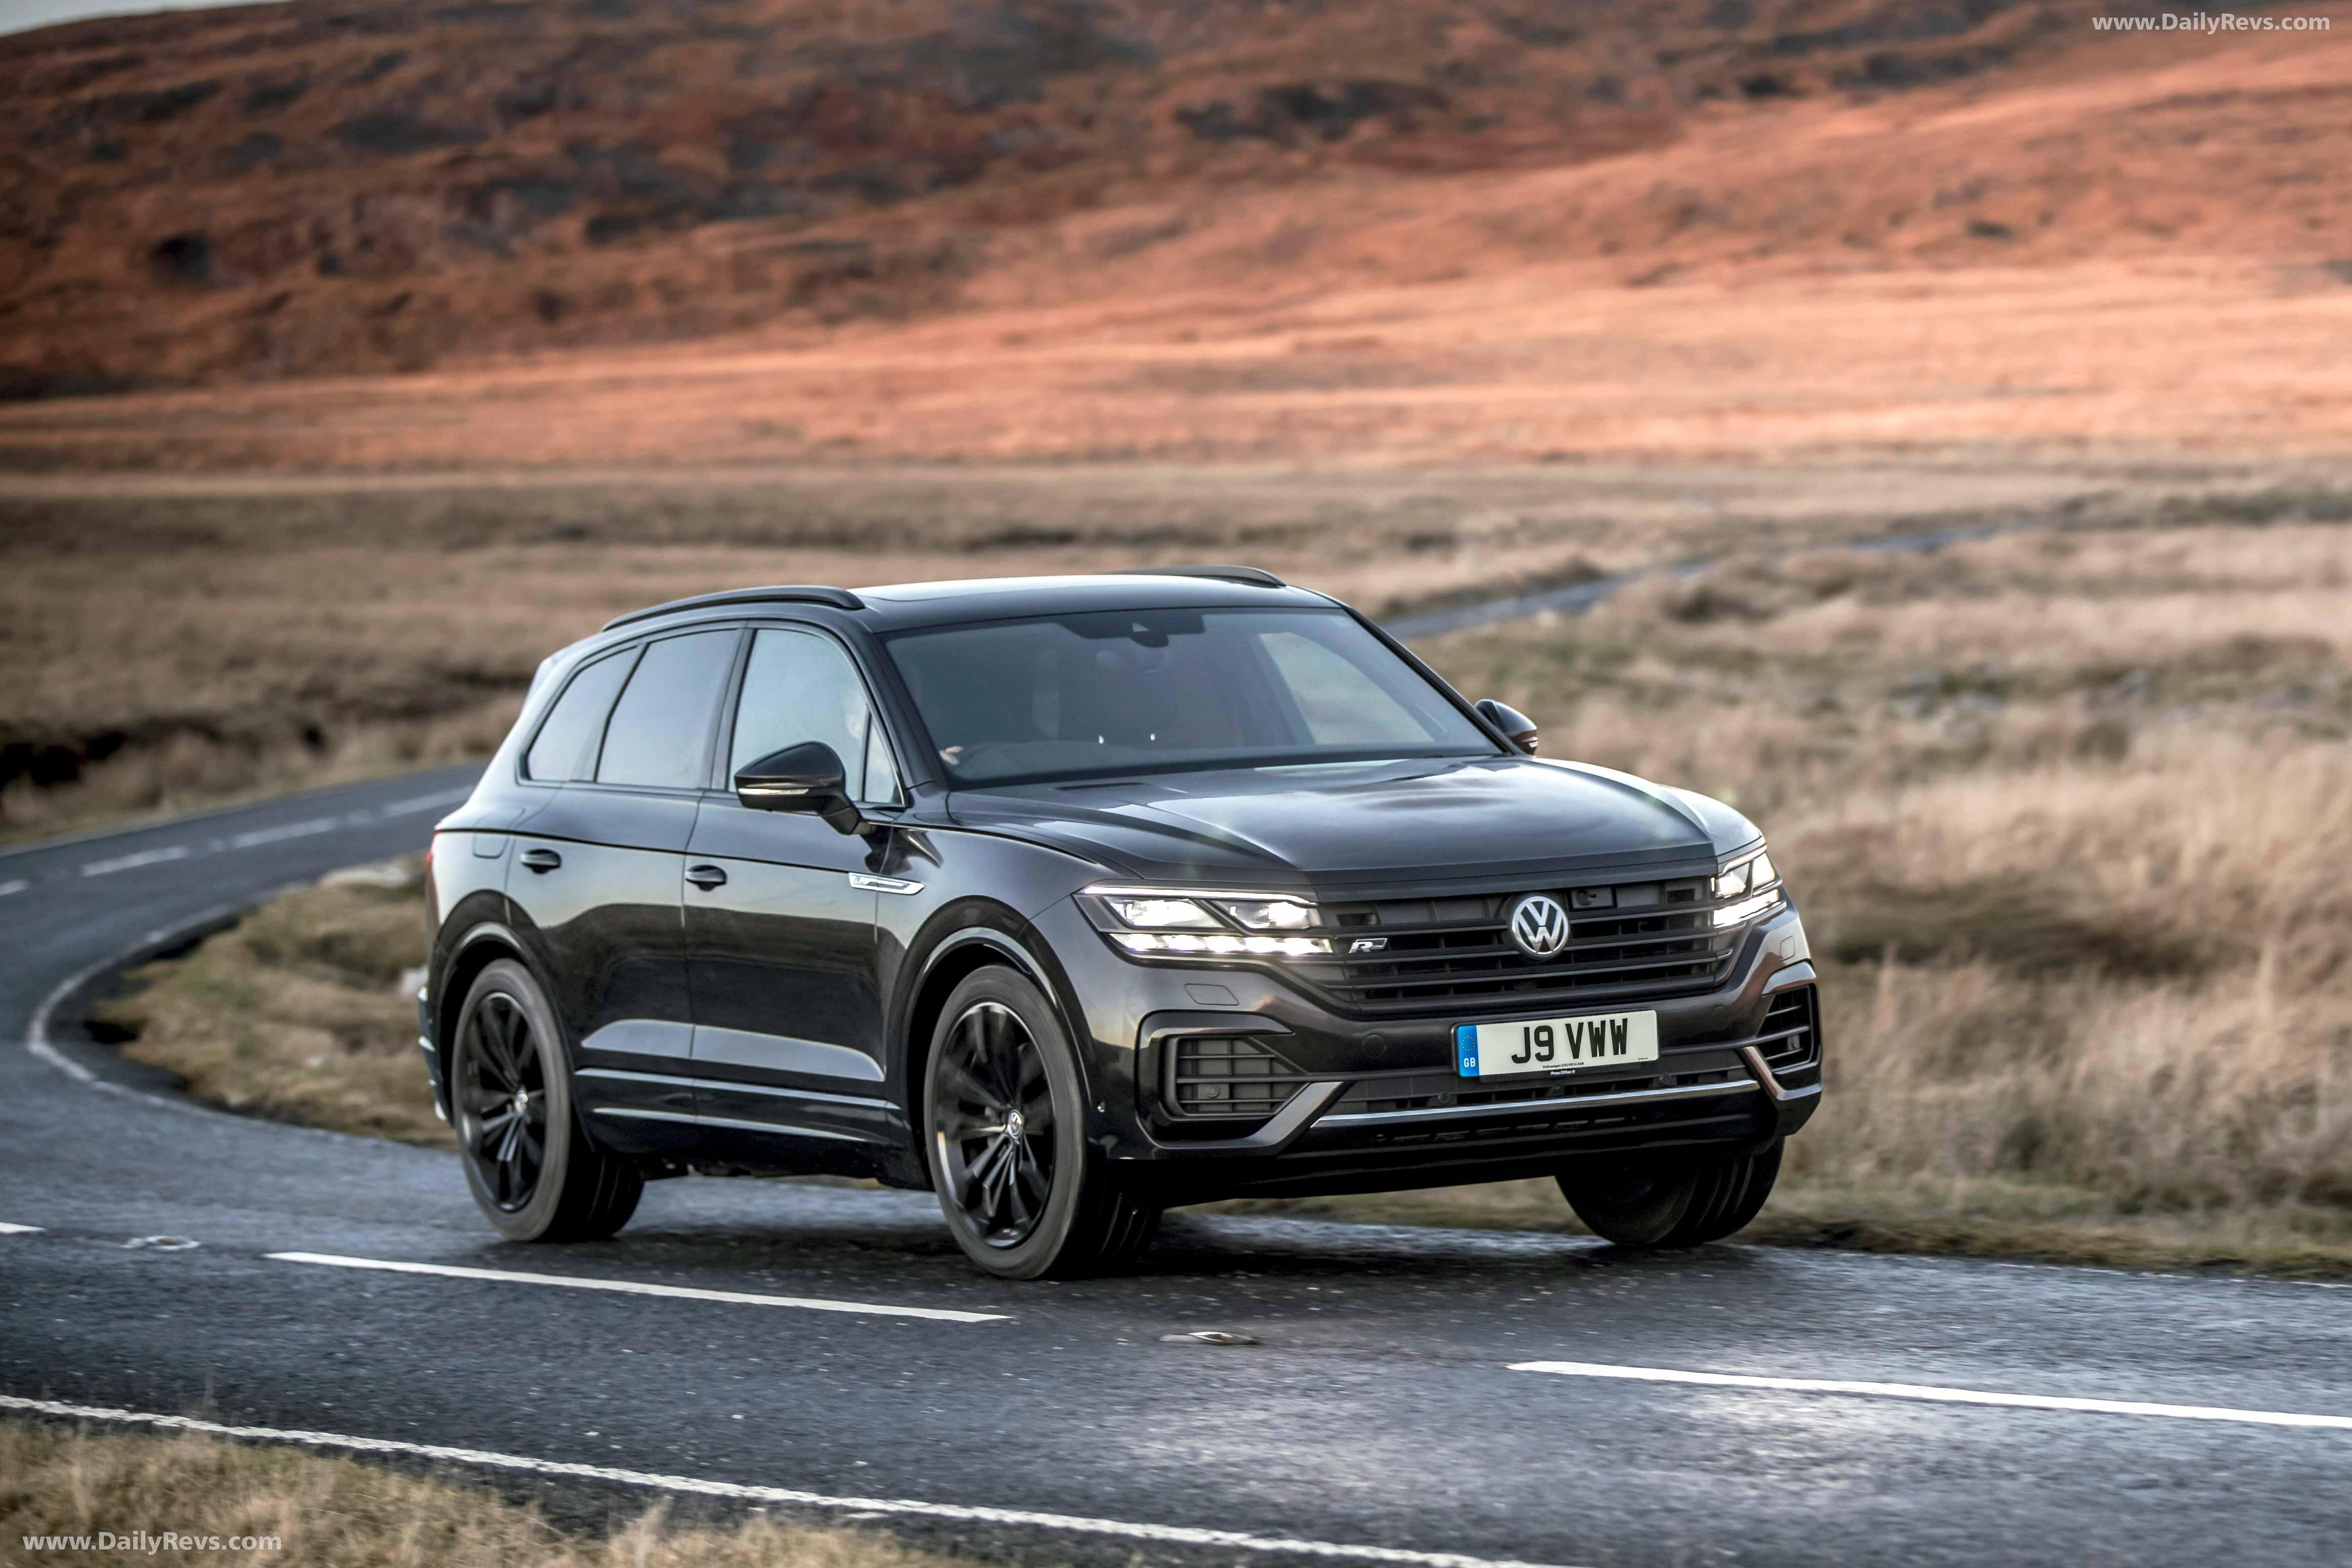 2020 Volkswagen Touareg Release